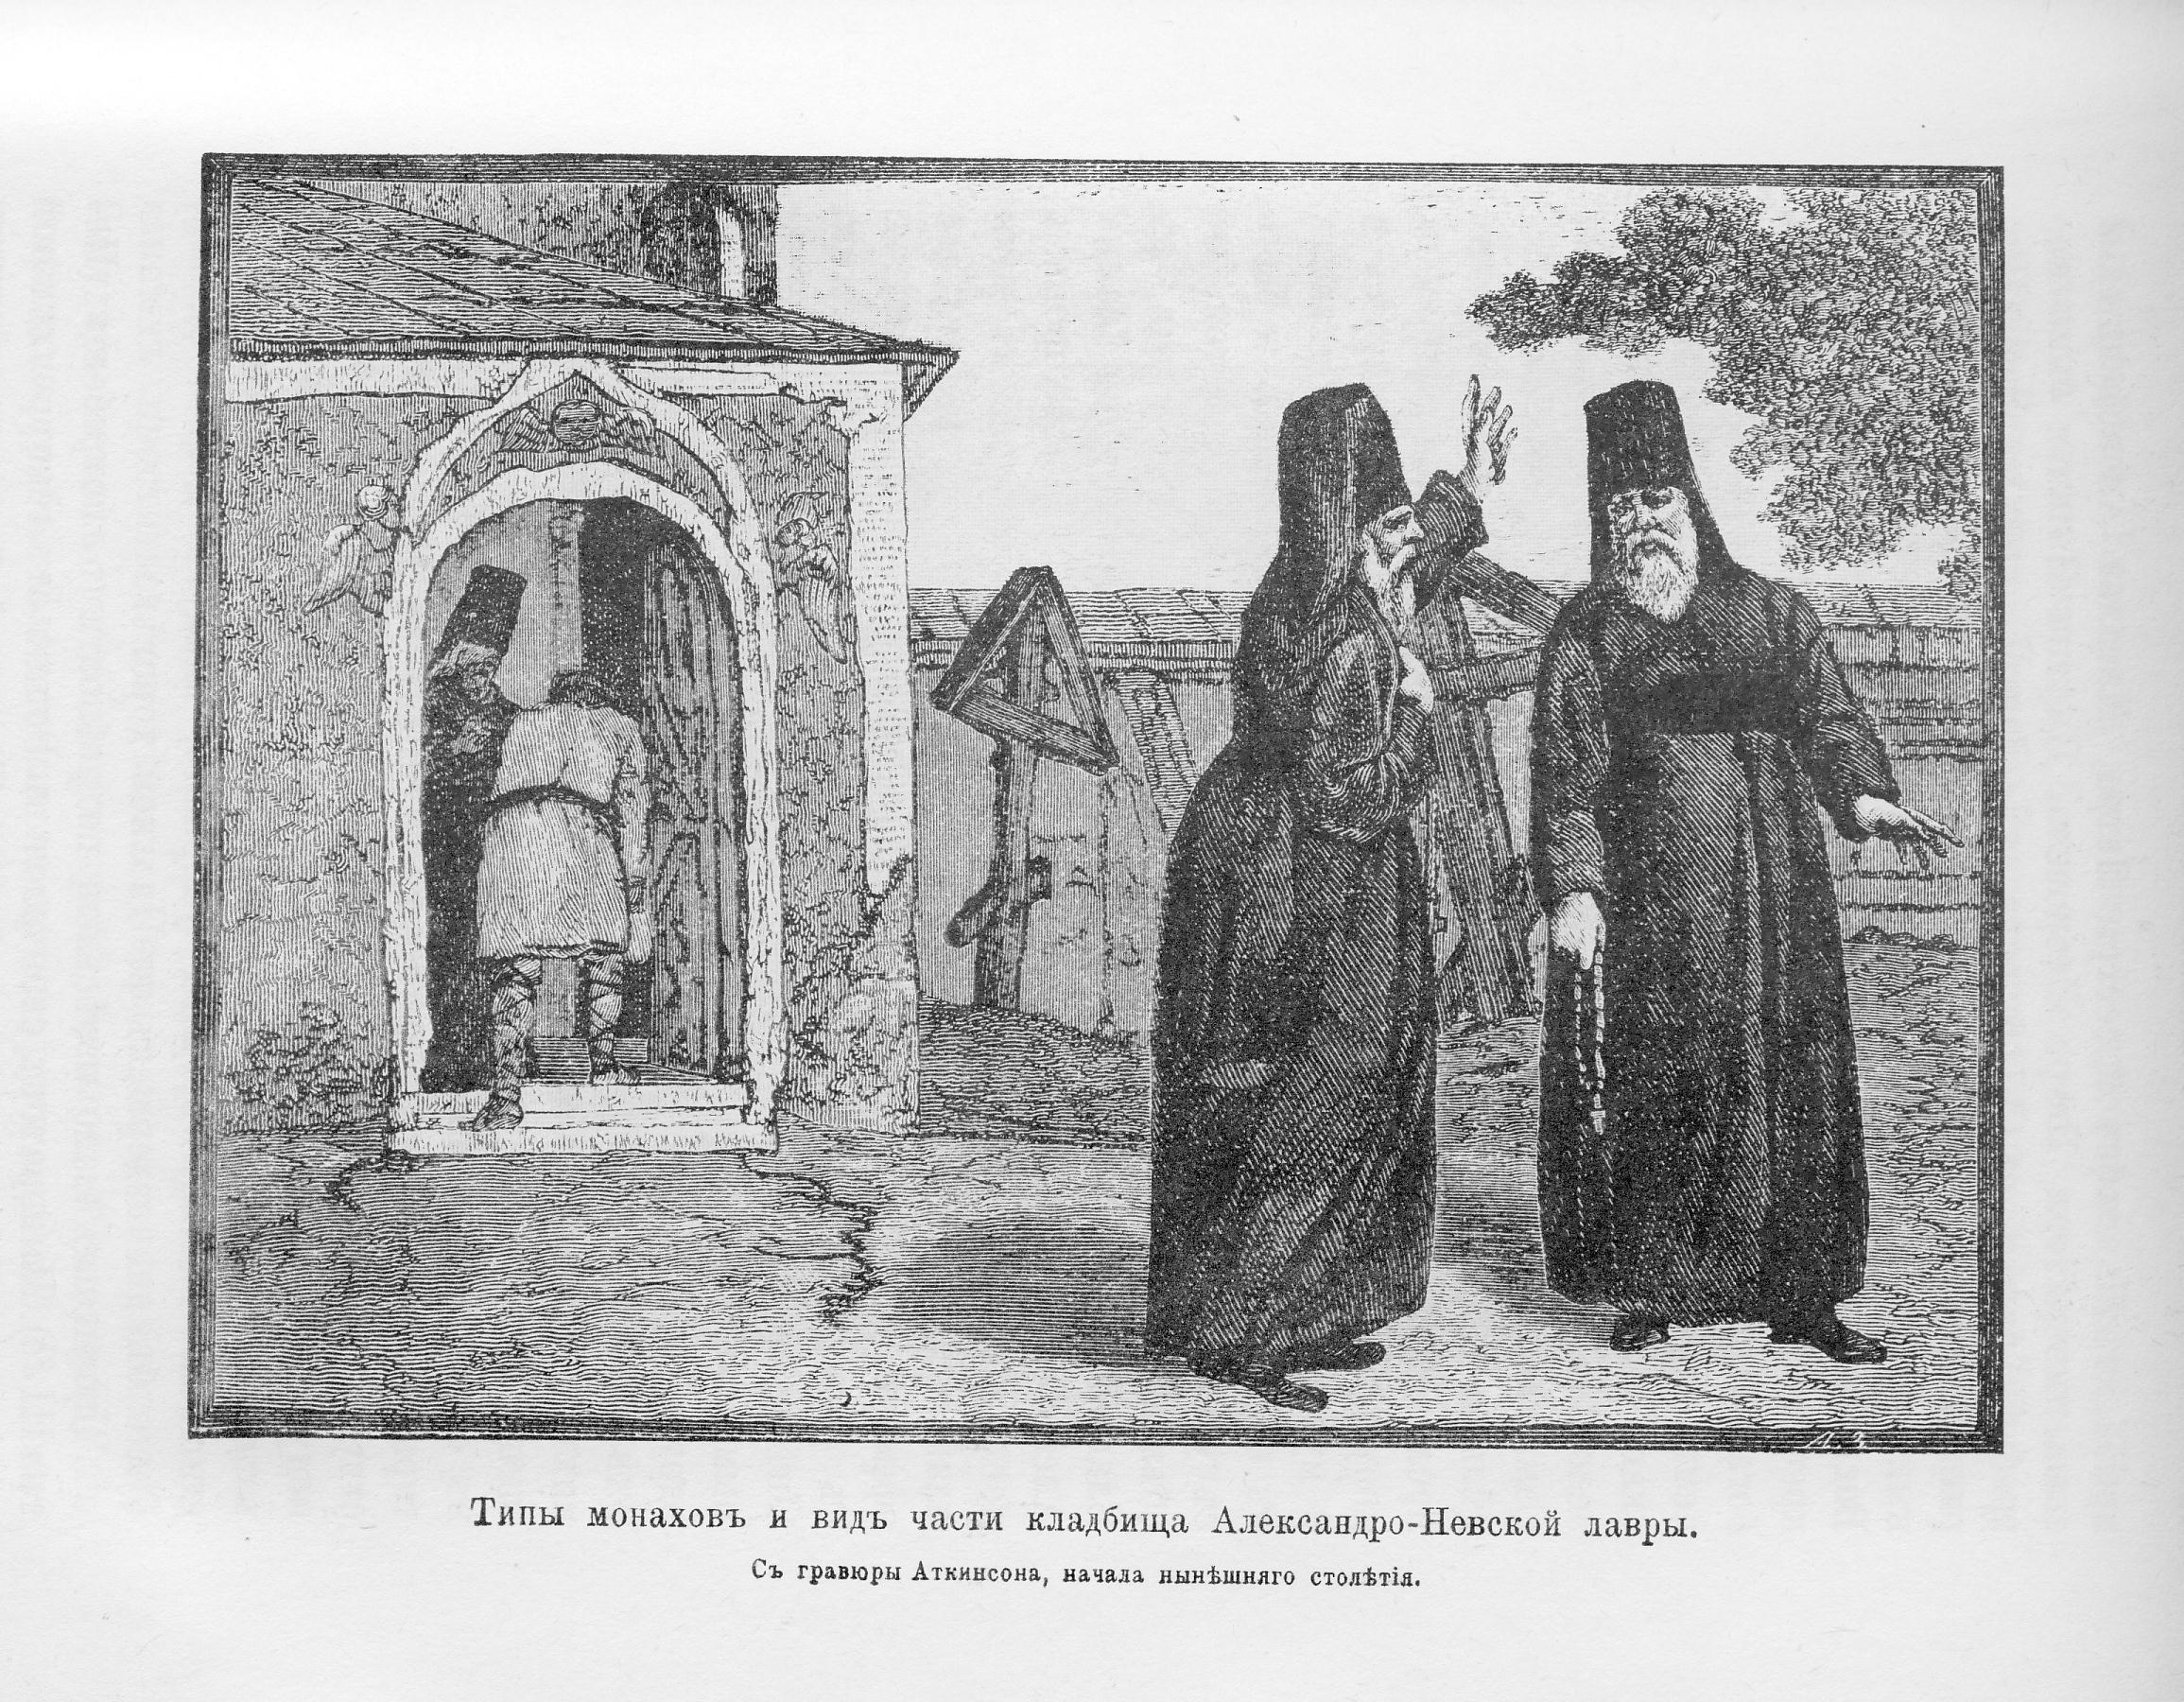 Типы монахов